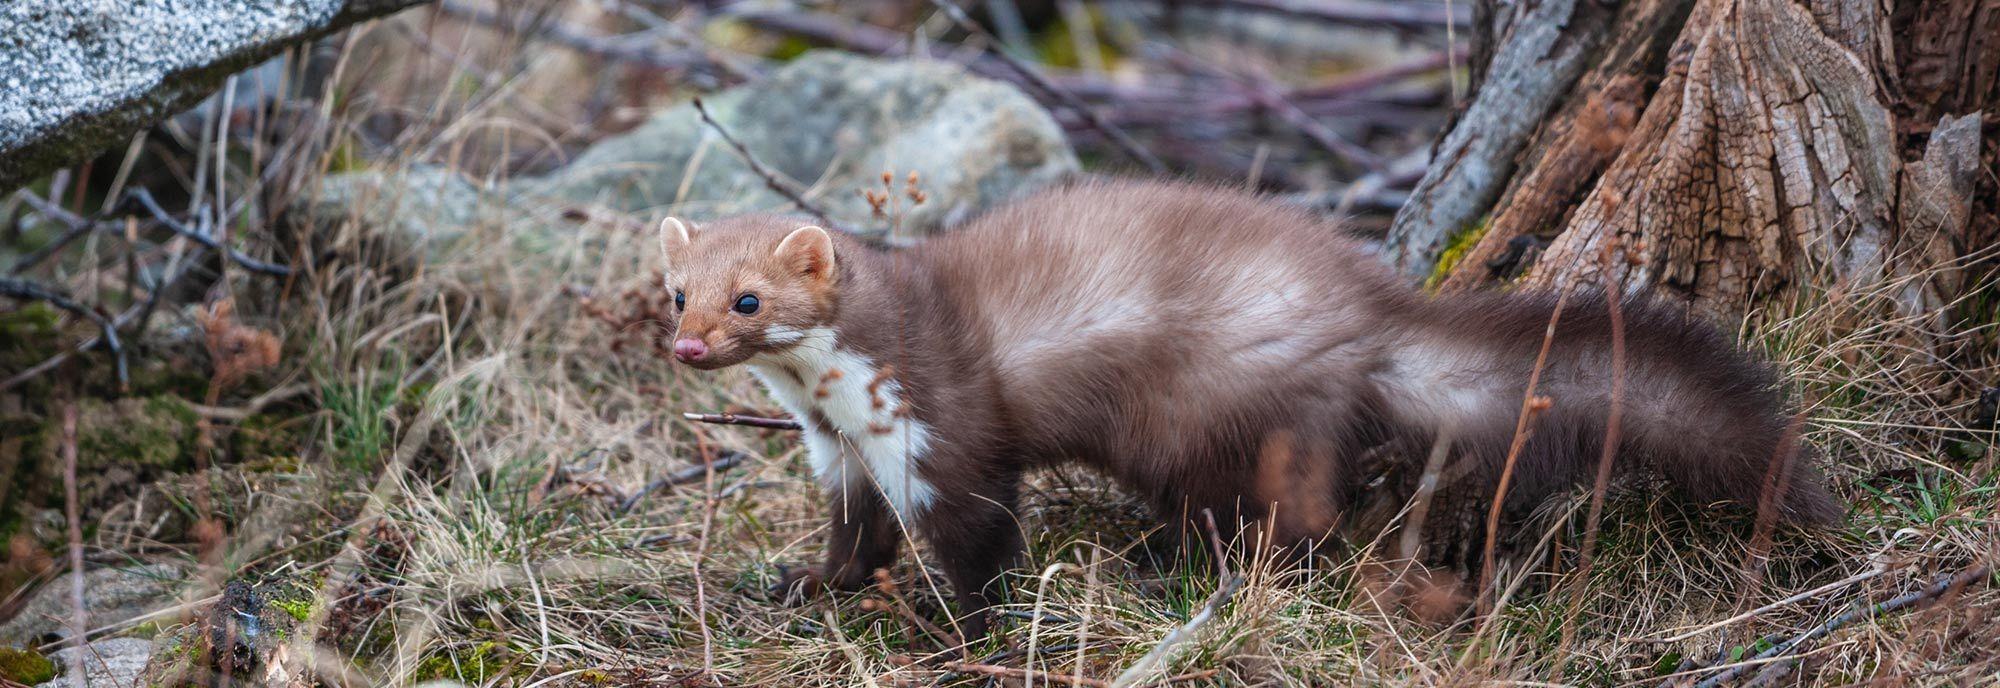 Photo of weasel standing in grass near rocks